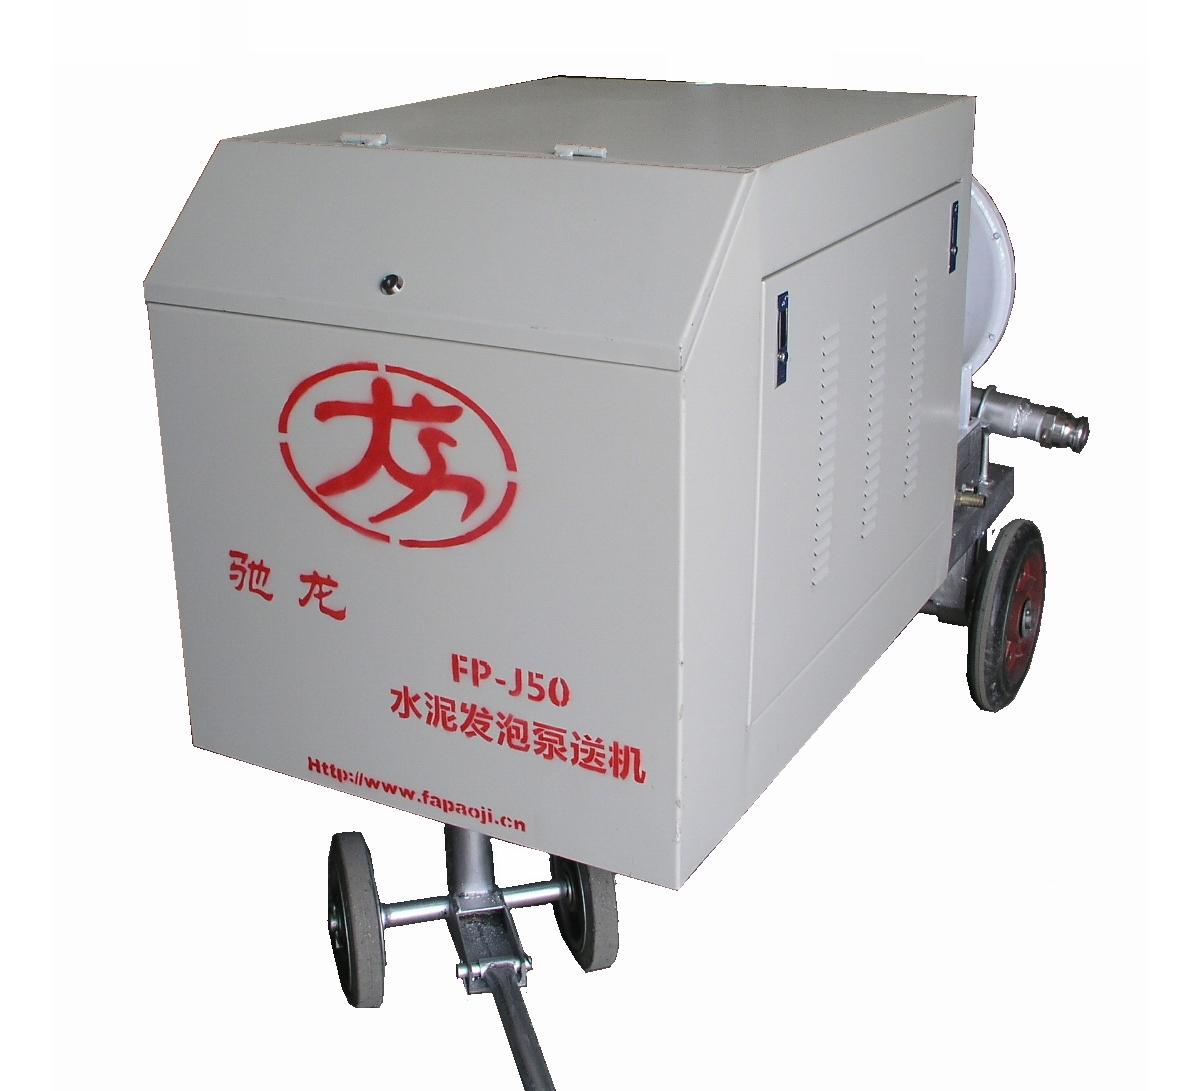 新型水泥发泡(泵送)机220v FP- J50